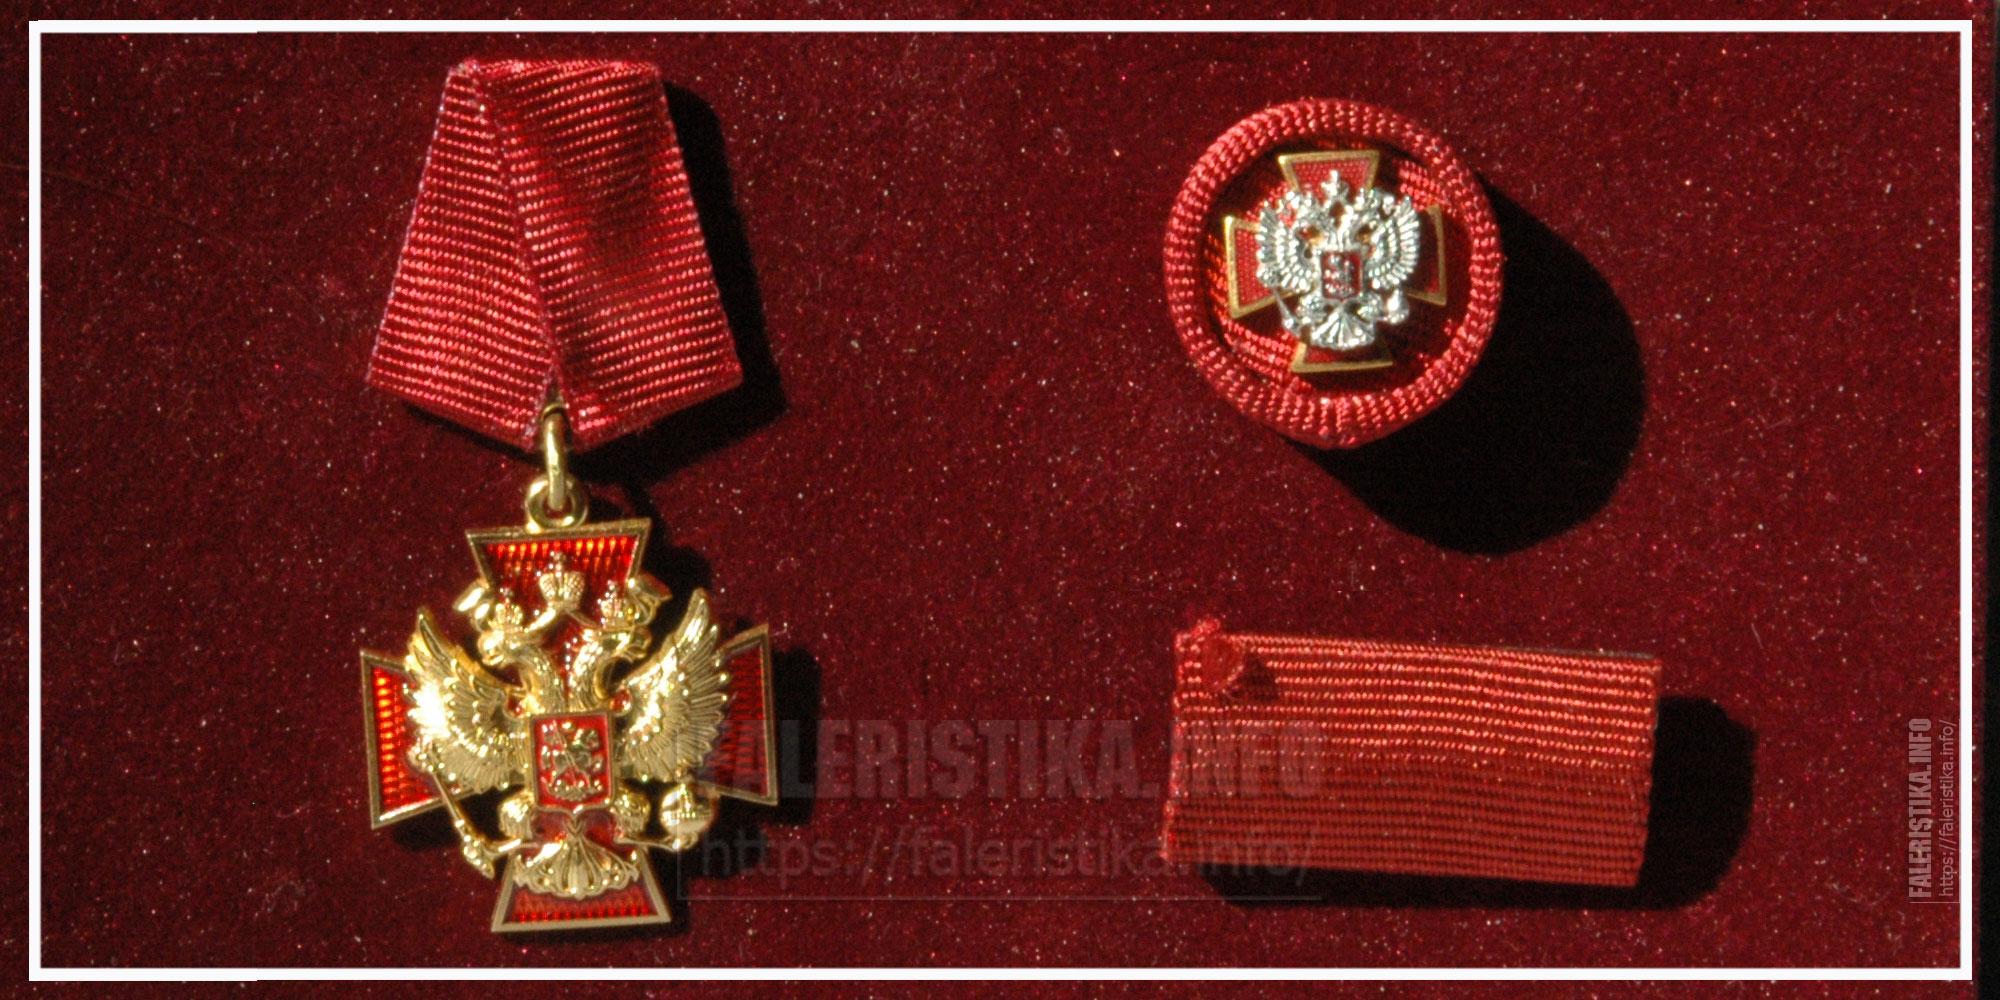 """Орден """"За заслуги перед Отечеством"""" IV степени. Фрачная миниатюра, розетка, орденская планка. Аверс"""